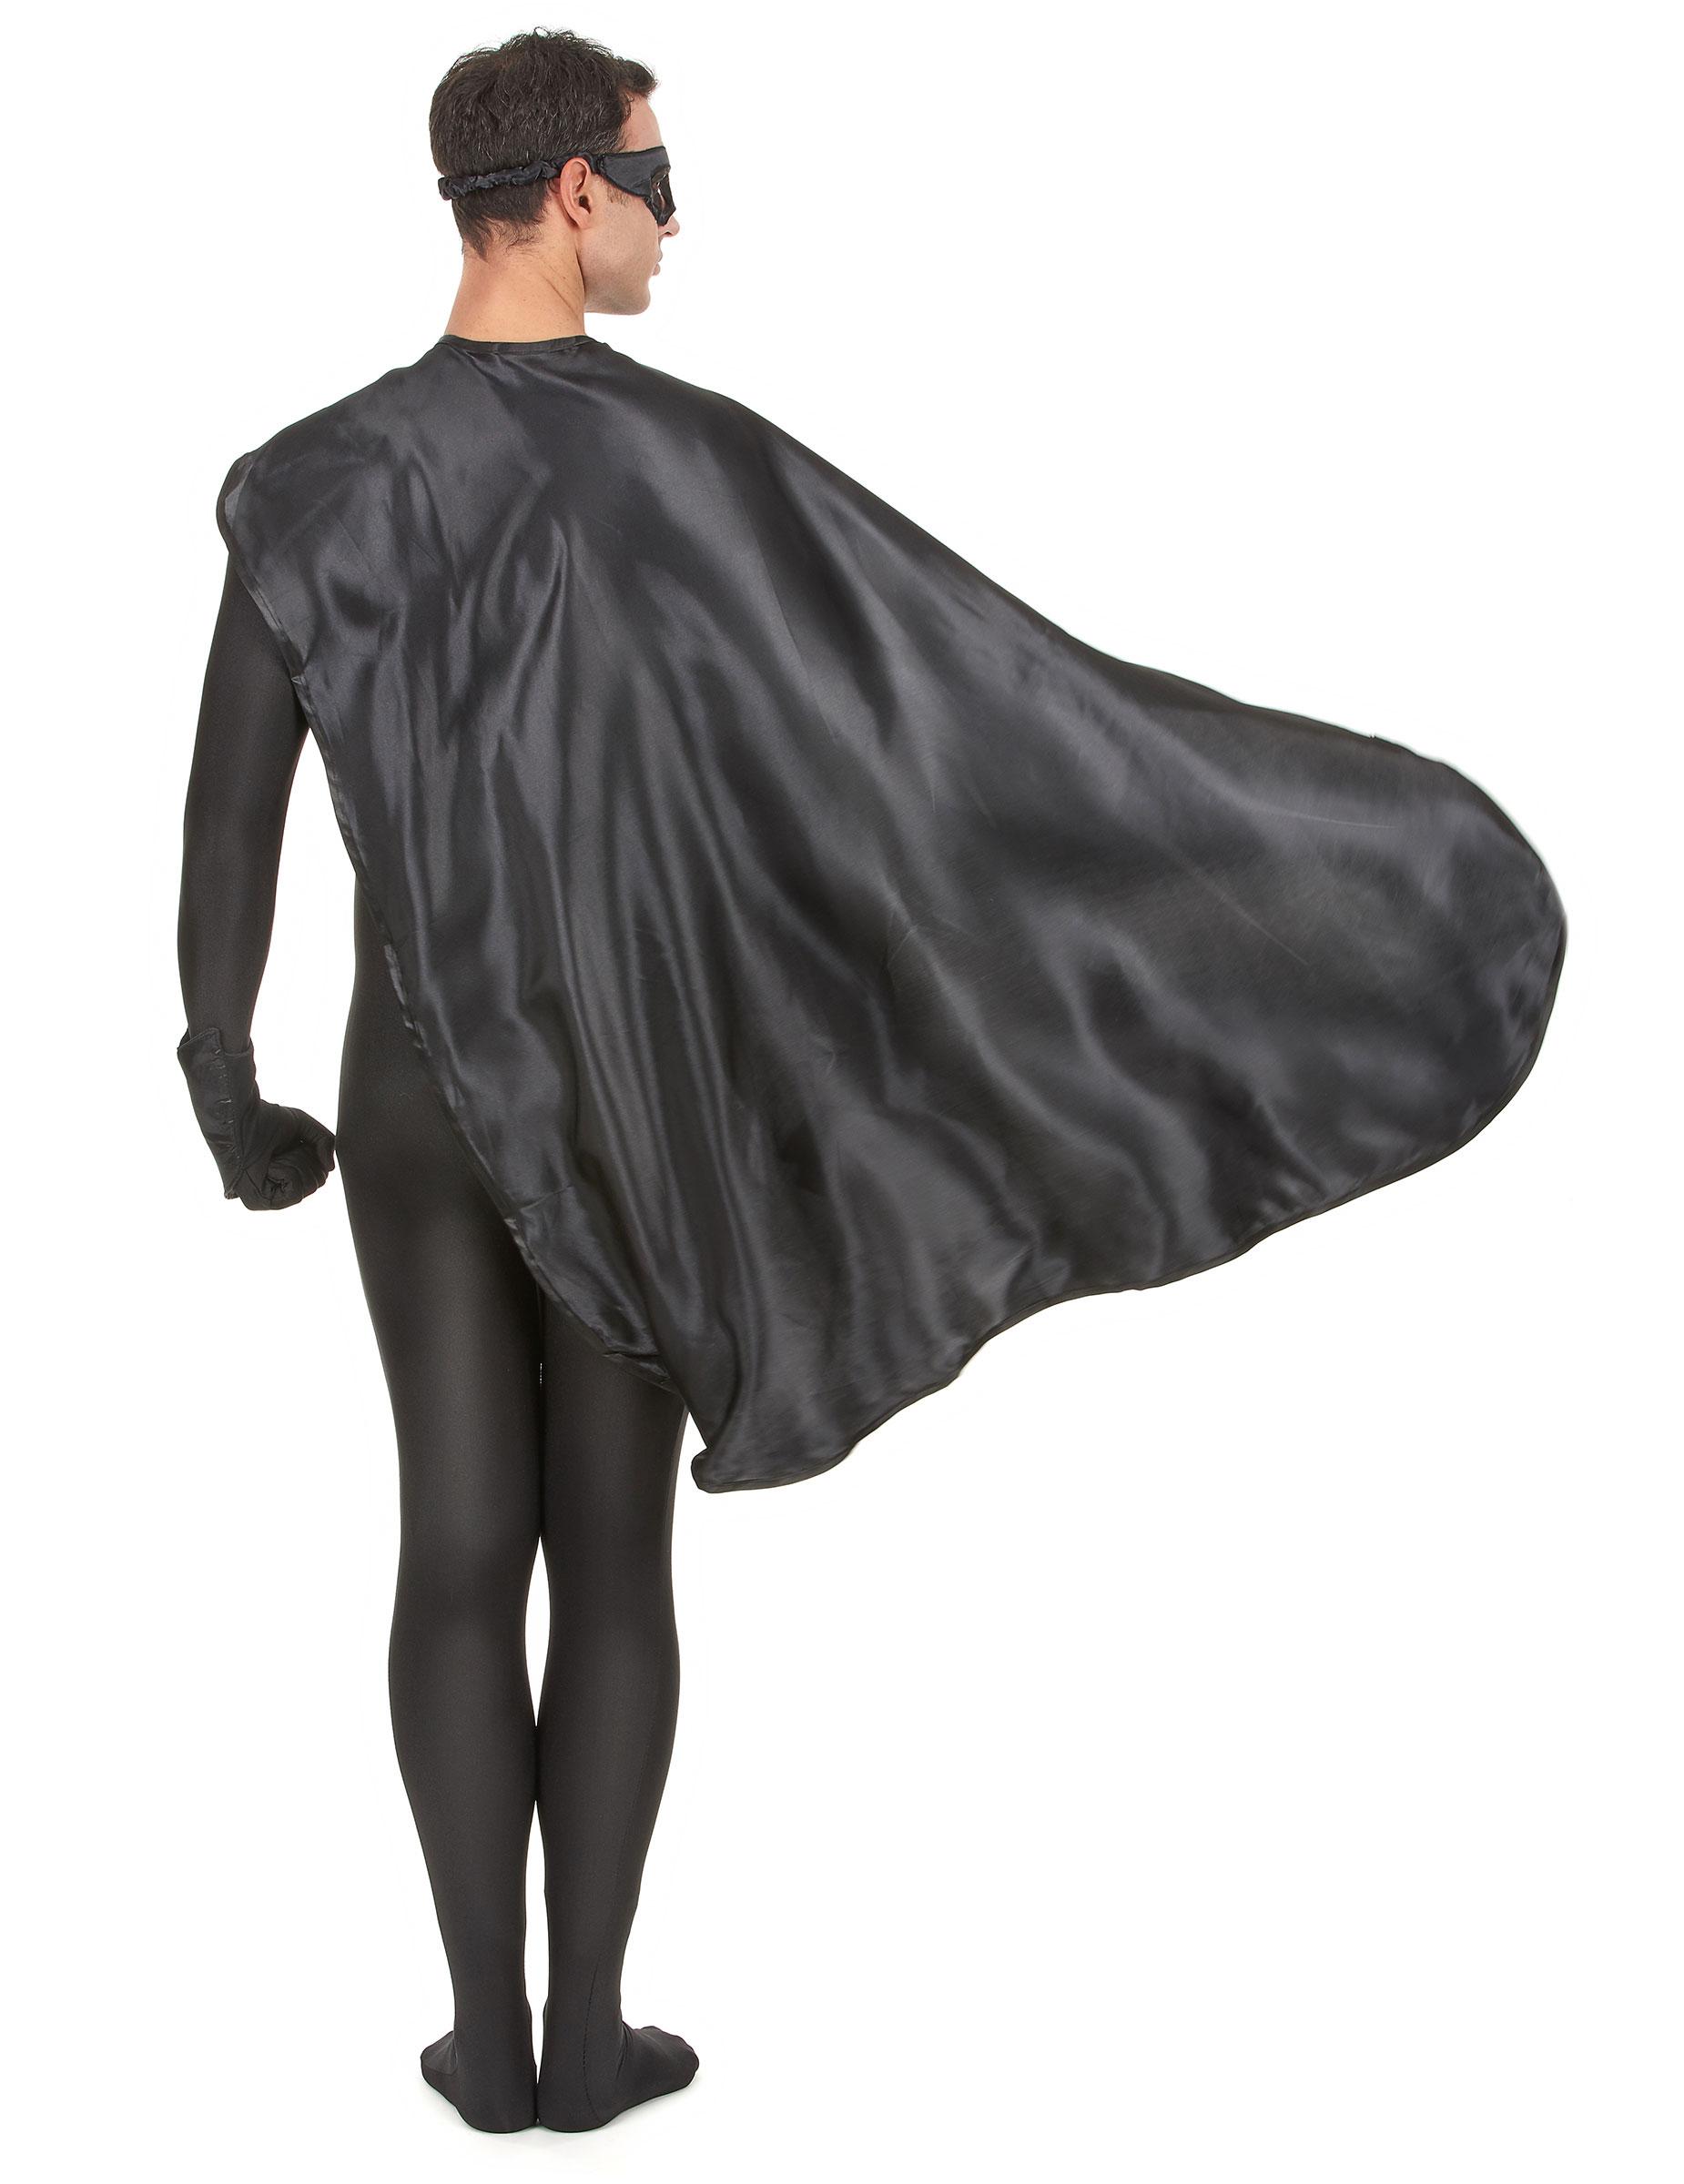 superheldenkost m f r frauen und m nner schwarz accessoires und g nstige faschingskost me. Black Bedroom Furniture Sets. Home Design Ideas